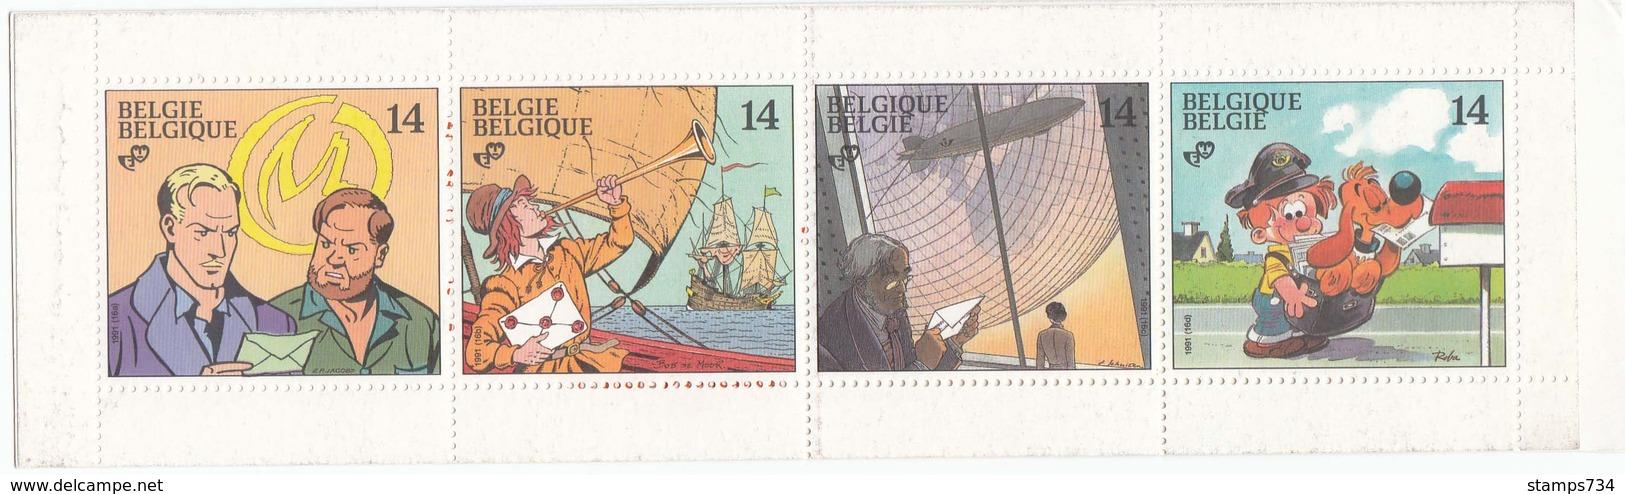 Belgique 1991 - Comics, Carnet, MNH**, Non Plie - Nuovi